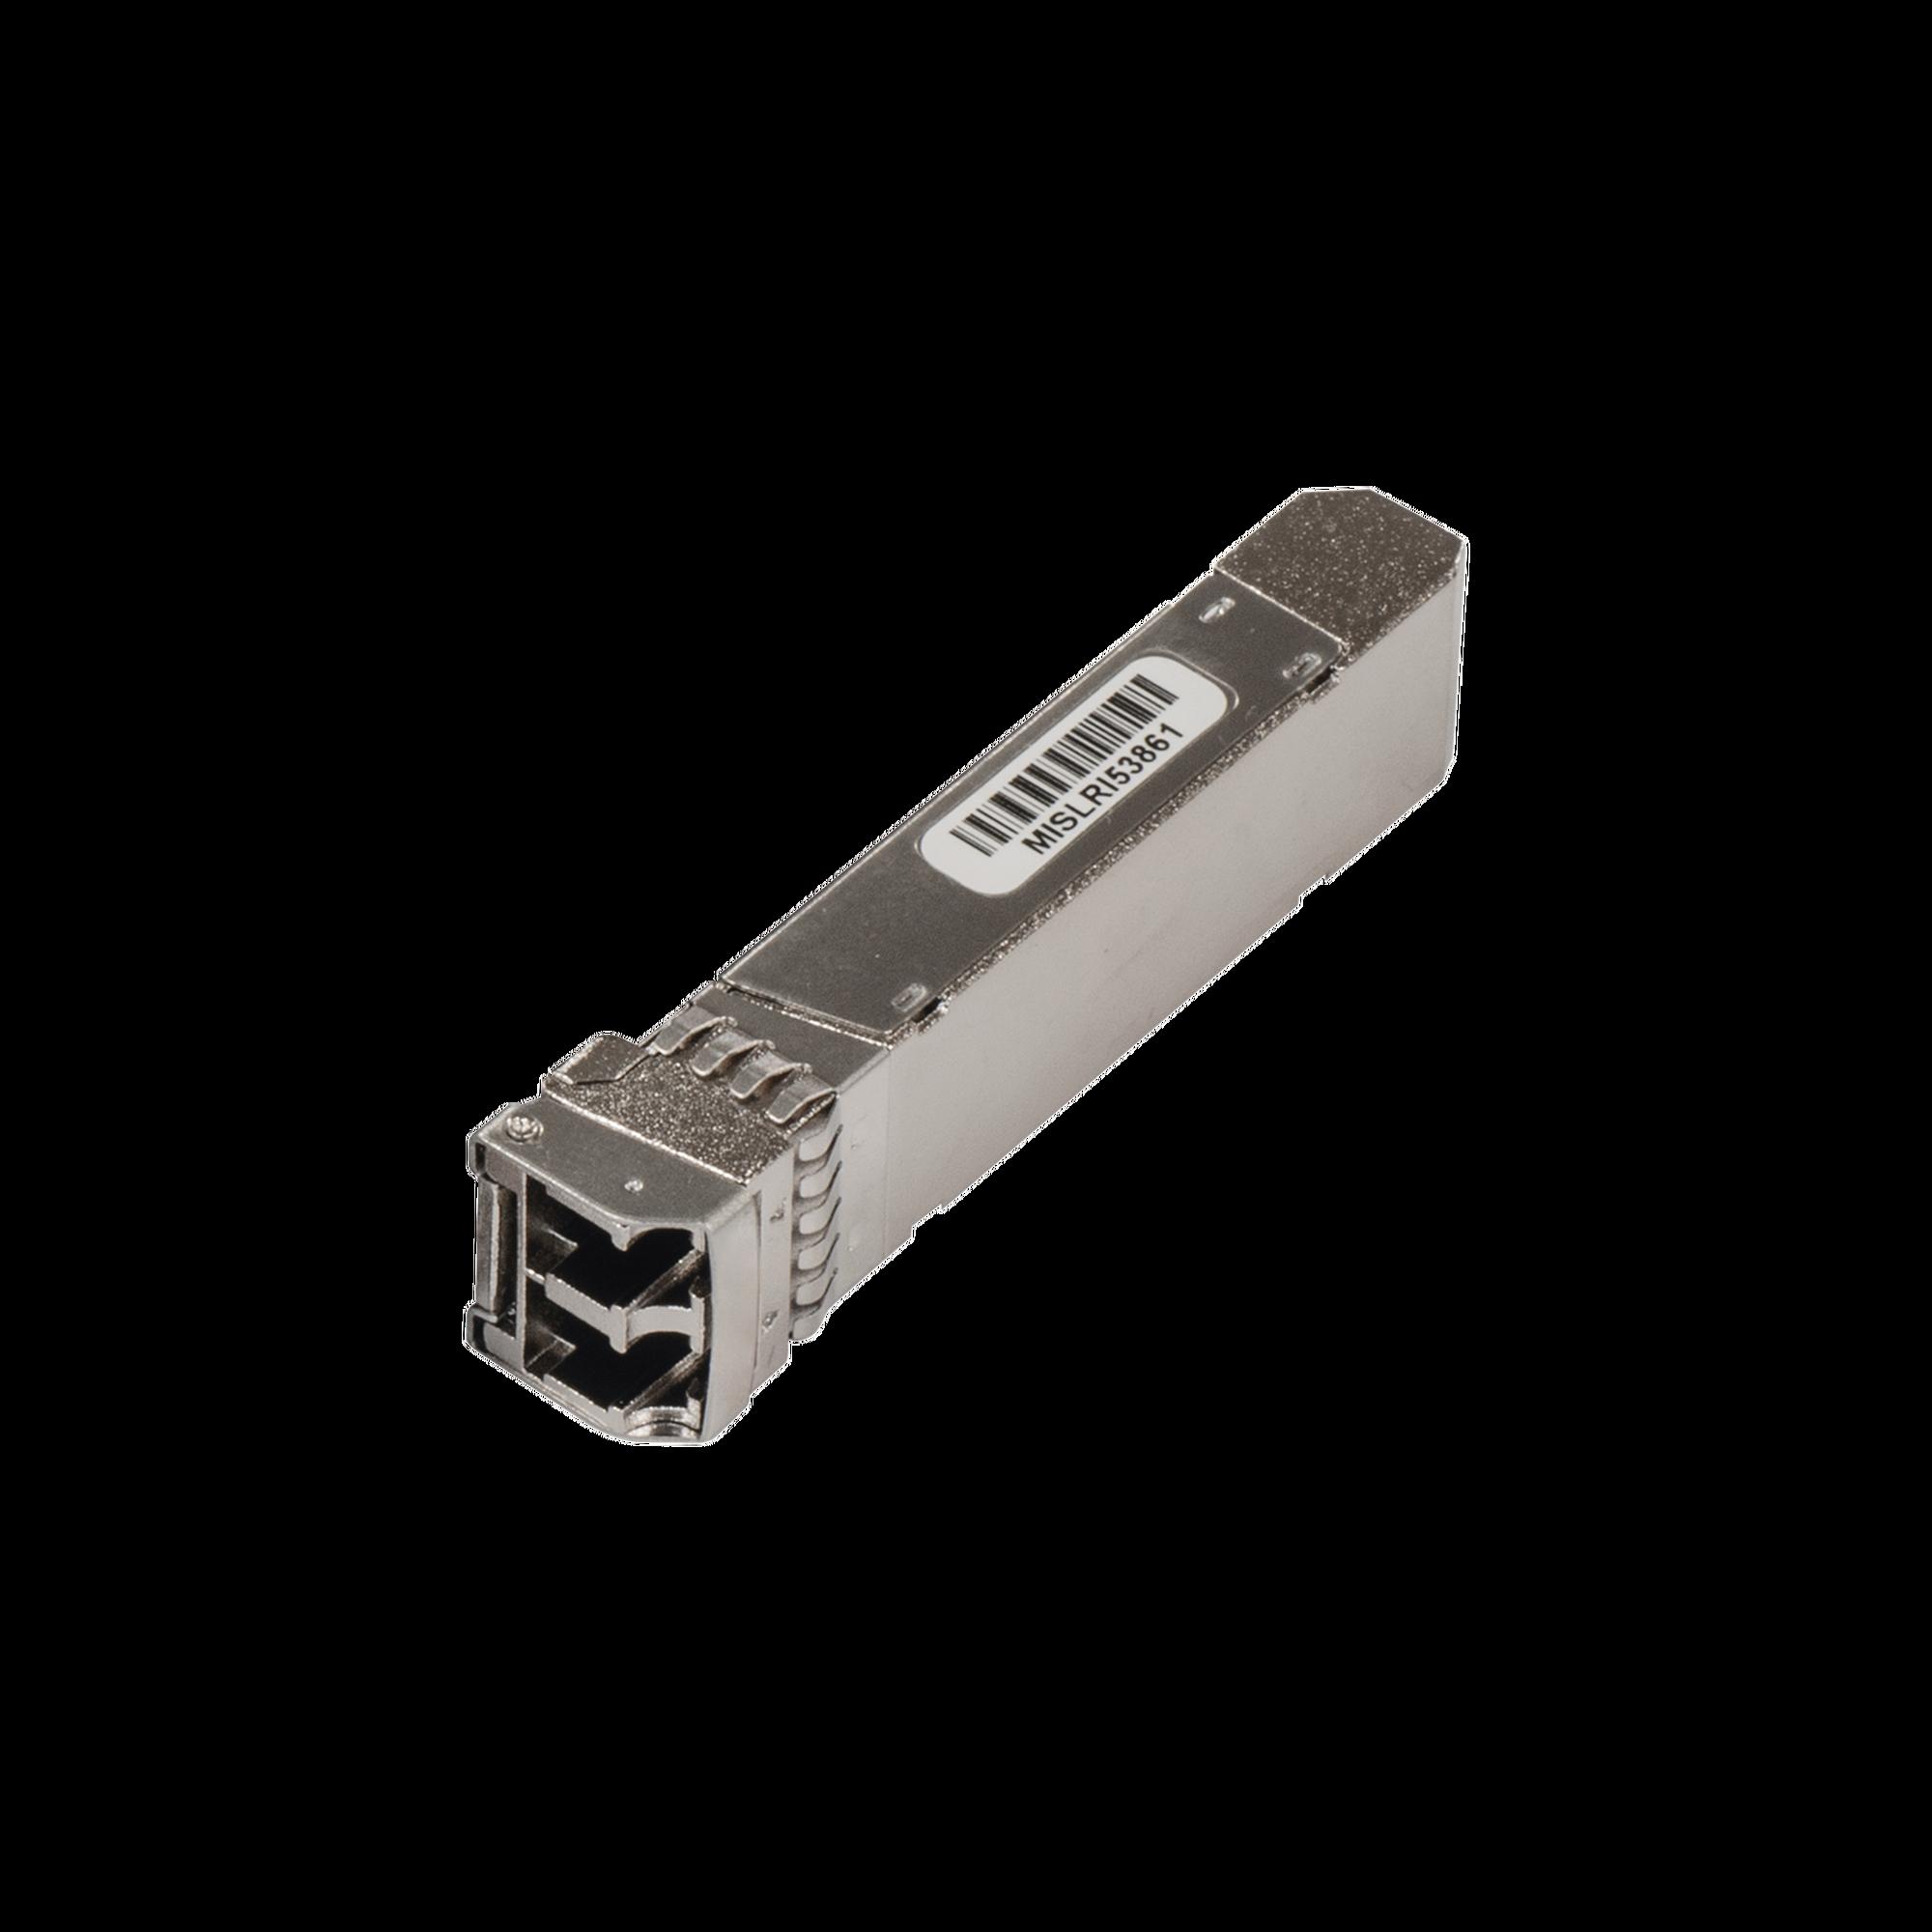 SFP+ CWDM module 10G SM 10km 1550nm Dual LC-connector DDM